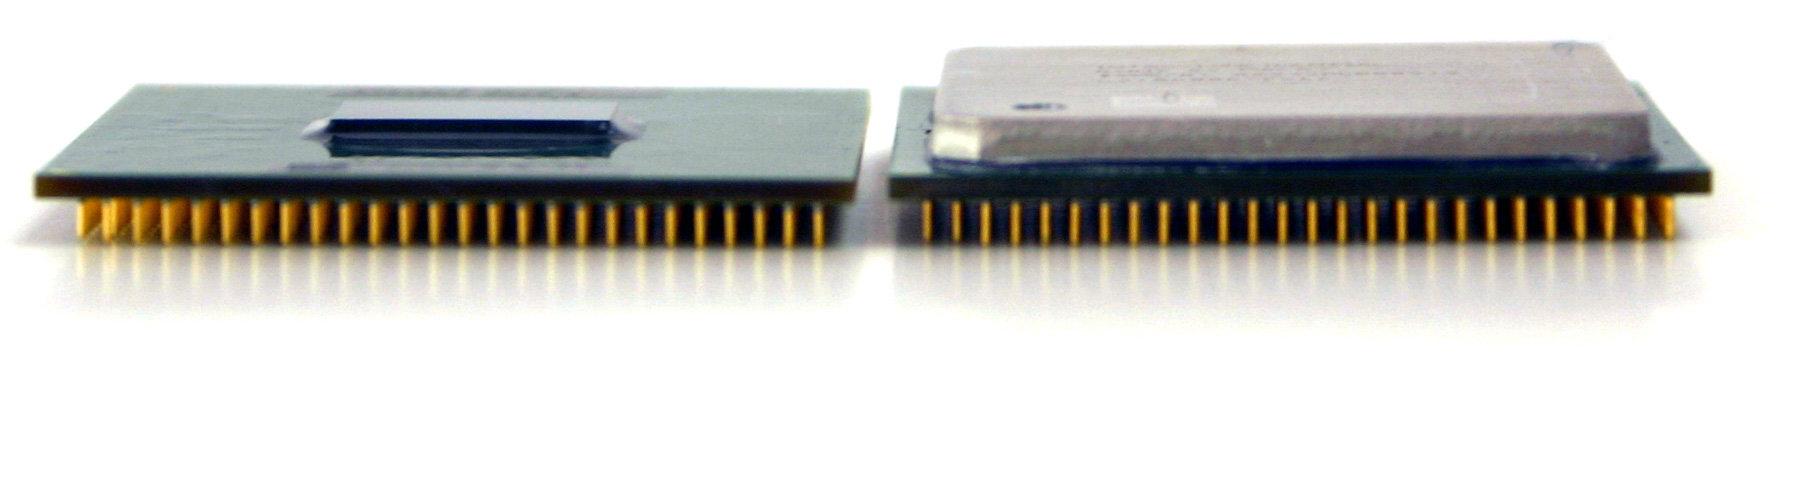 Aufgrund des fehlenden Heatspreaders ist der Pentium M falcher